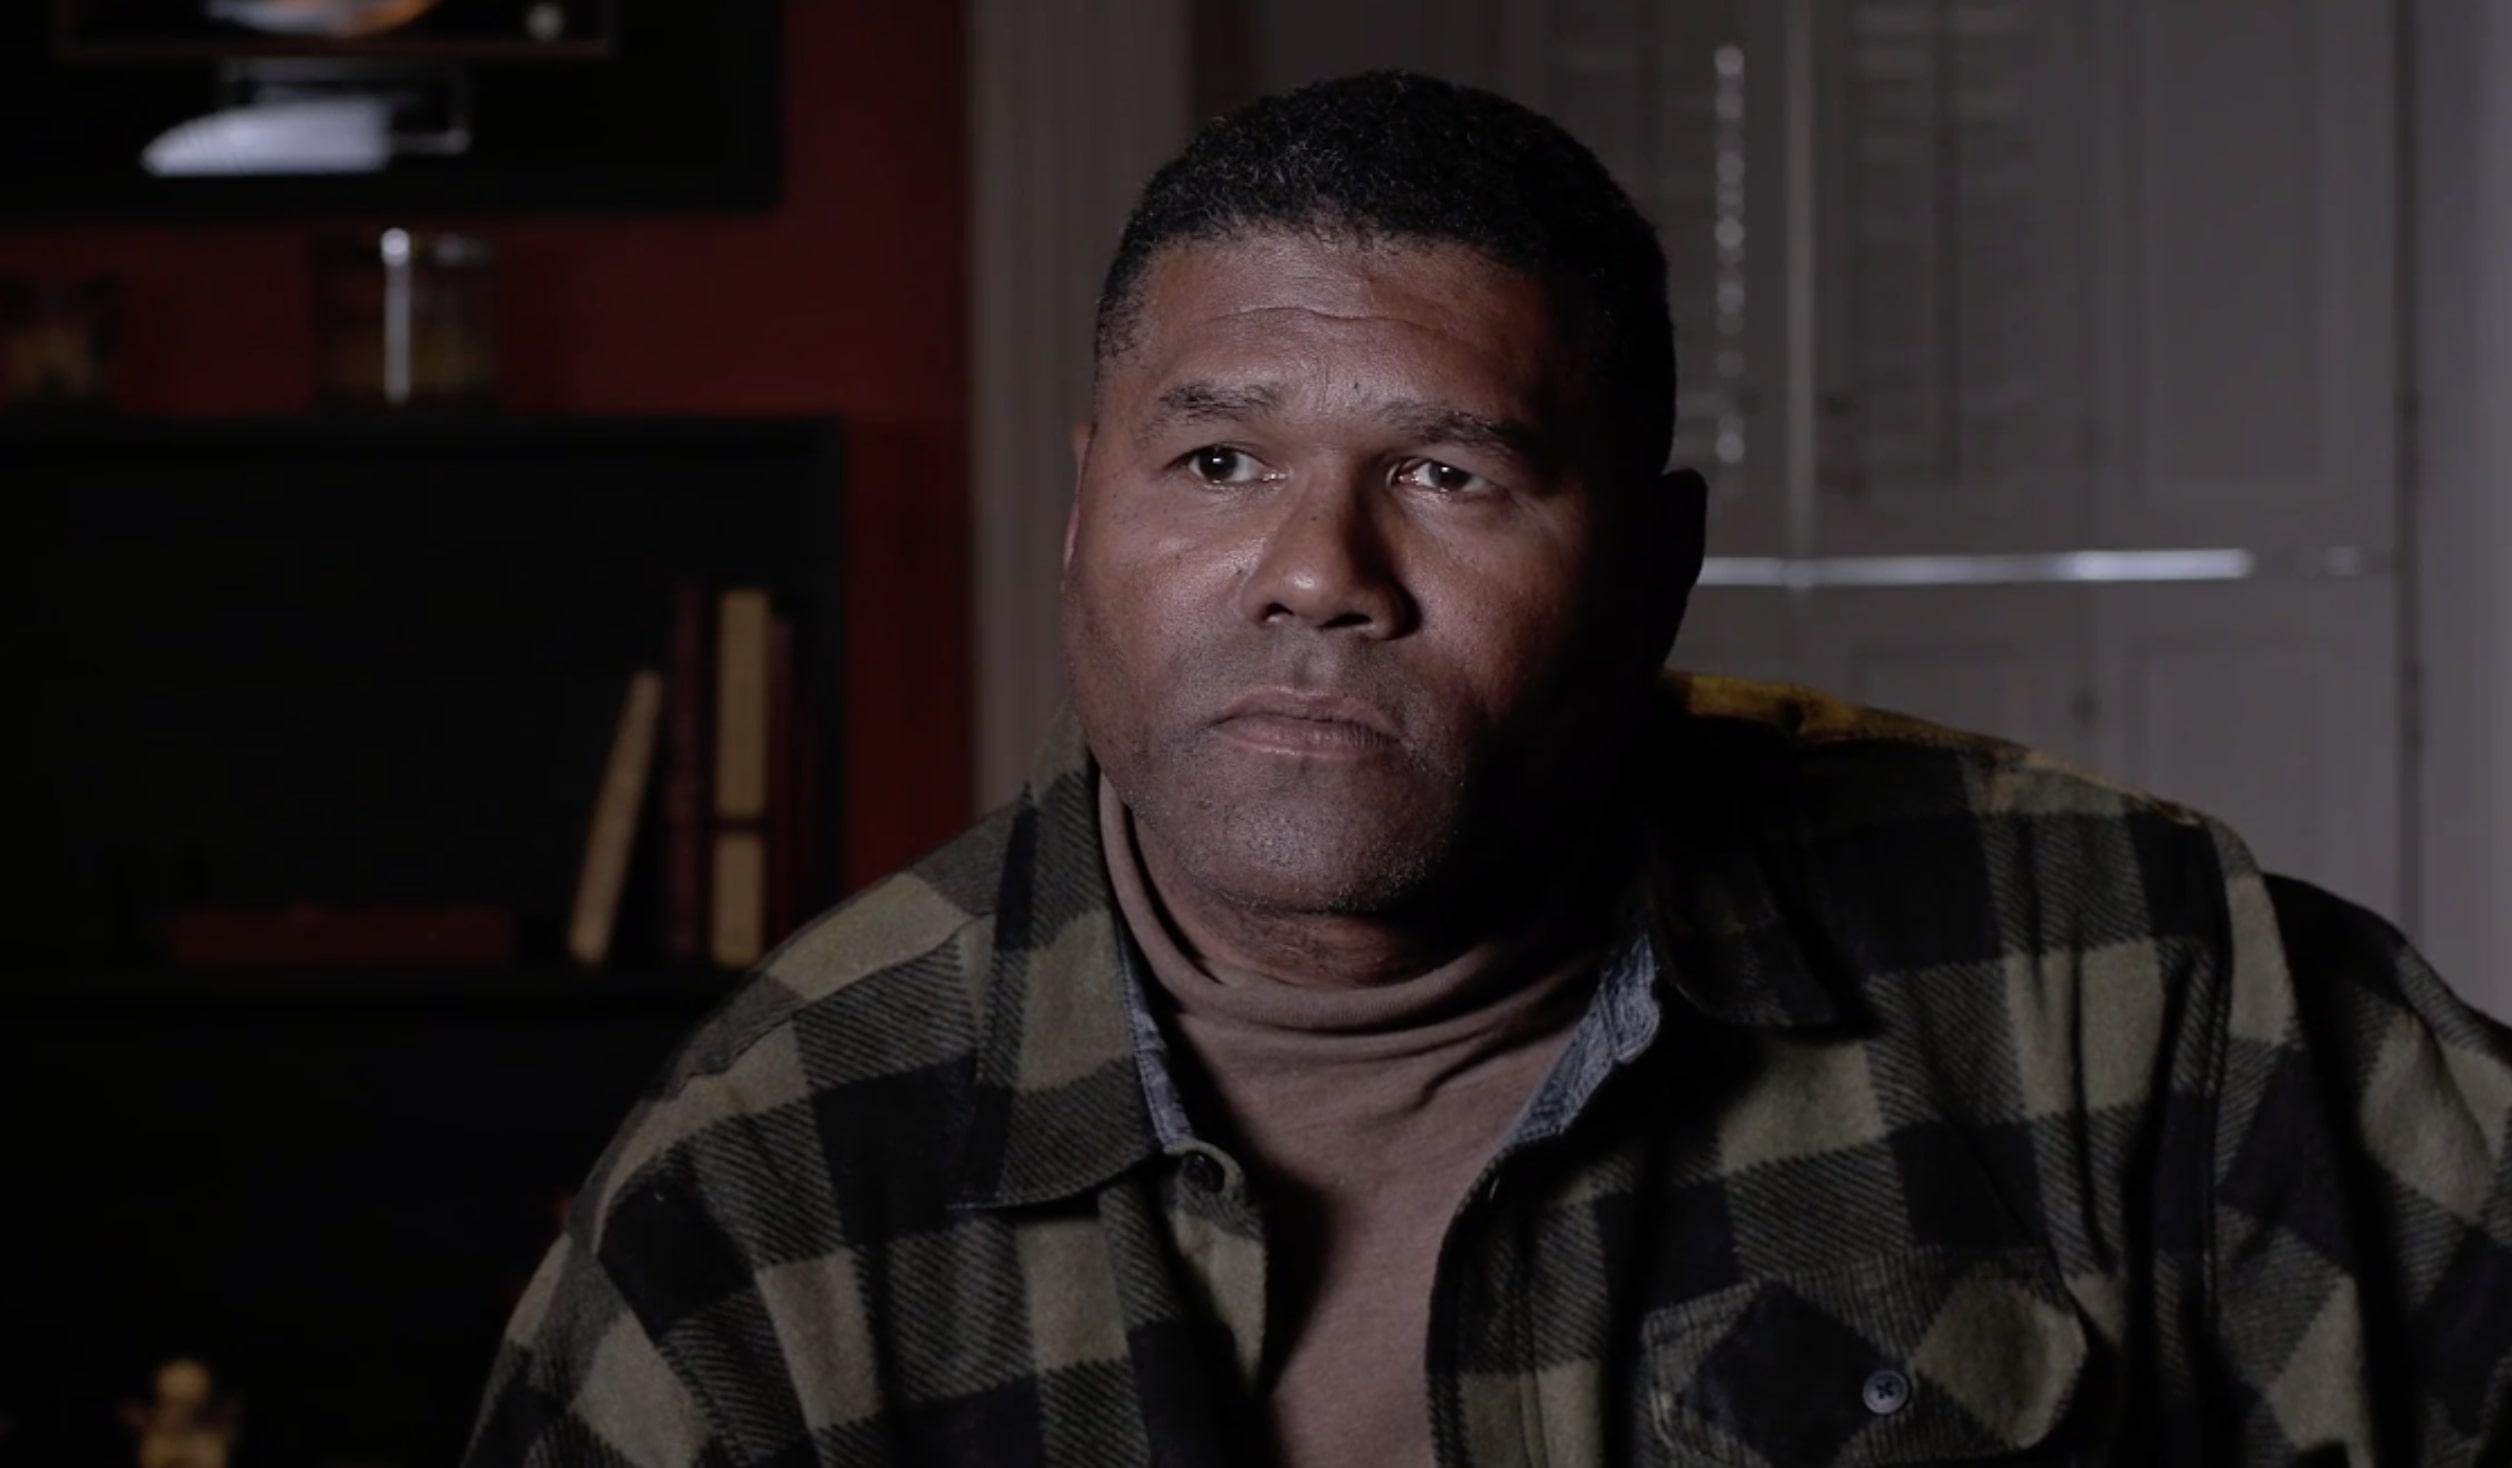 Kaj se je zgodilo z Russellom Gibbonsom, prebivalec črnega Bensonhursta, vpleten v mafijo, ki je ubila Yusufa Hawkinsa?